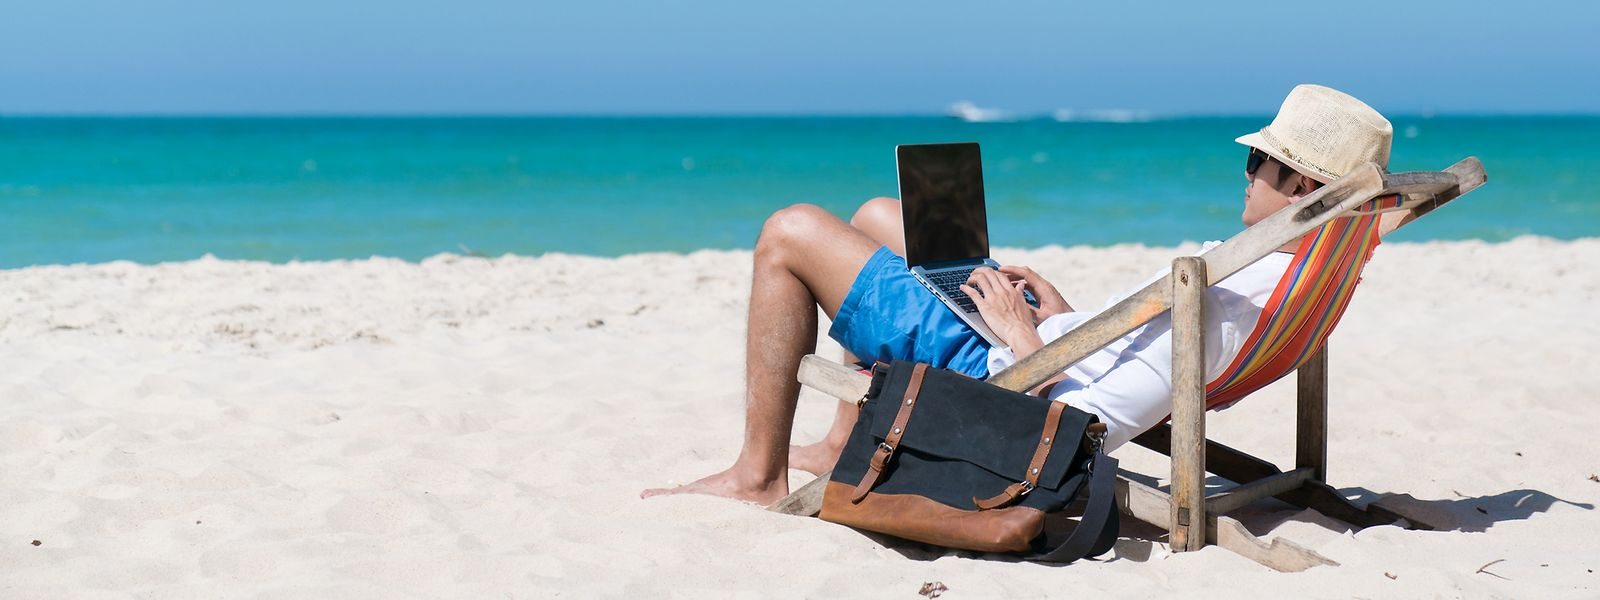 Grenzenlos streamen: Ab Sonntag können Abonnenten von Onlinebezahldiensten auch im Urlaub innerhalb Europas auf das gleiche Angebot zugreifen wie zu Hause.